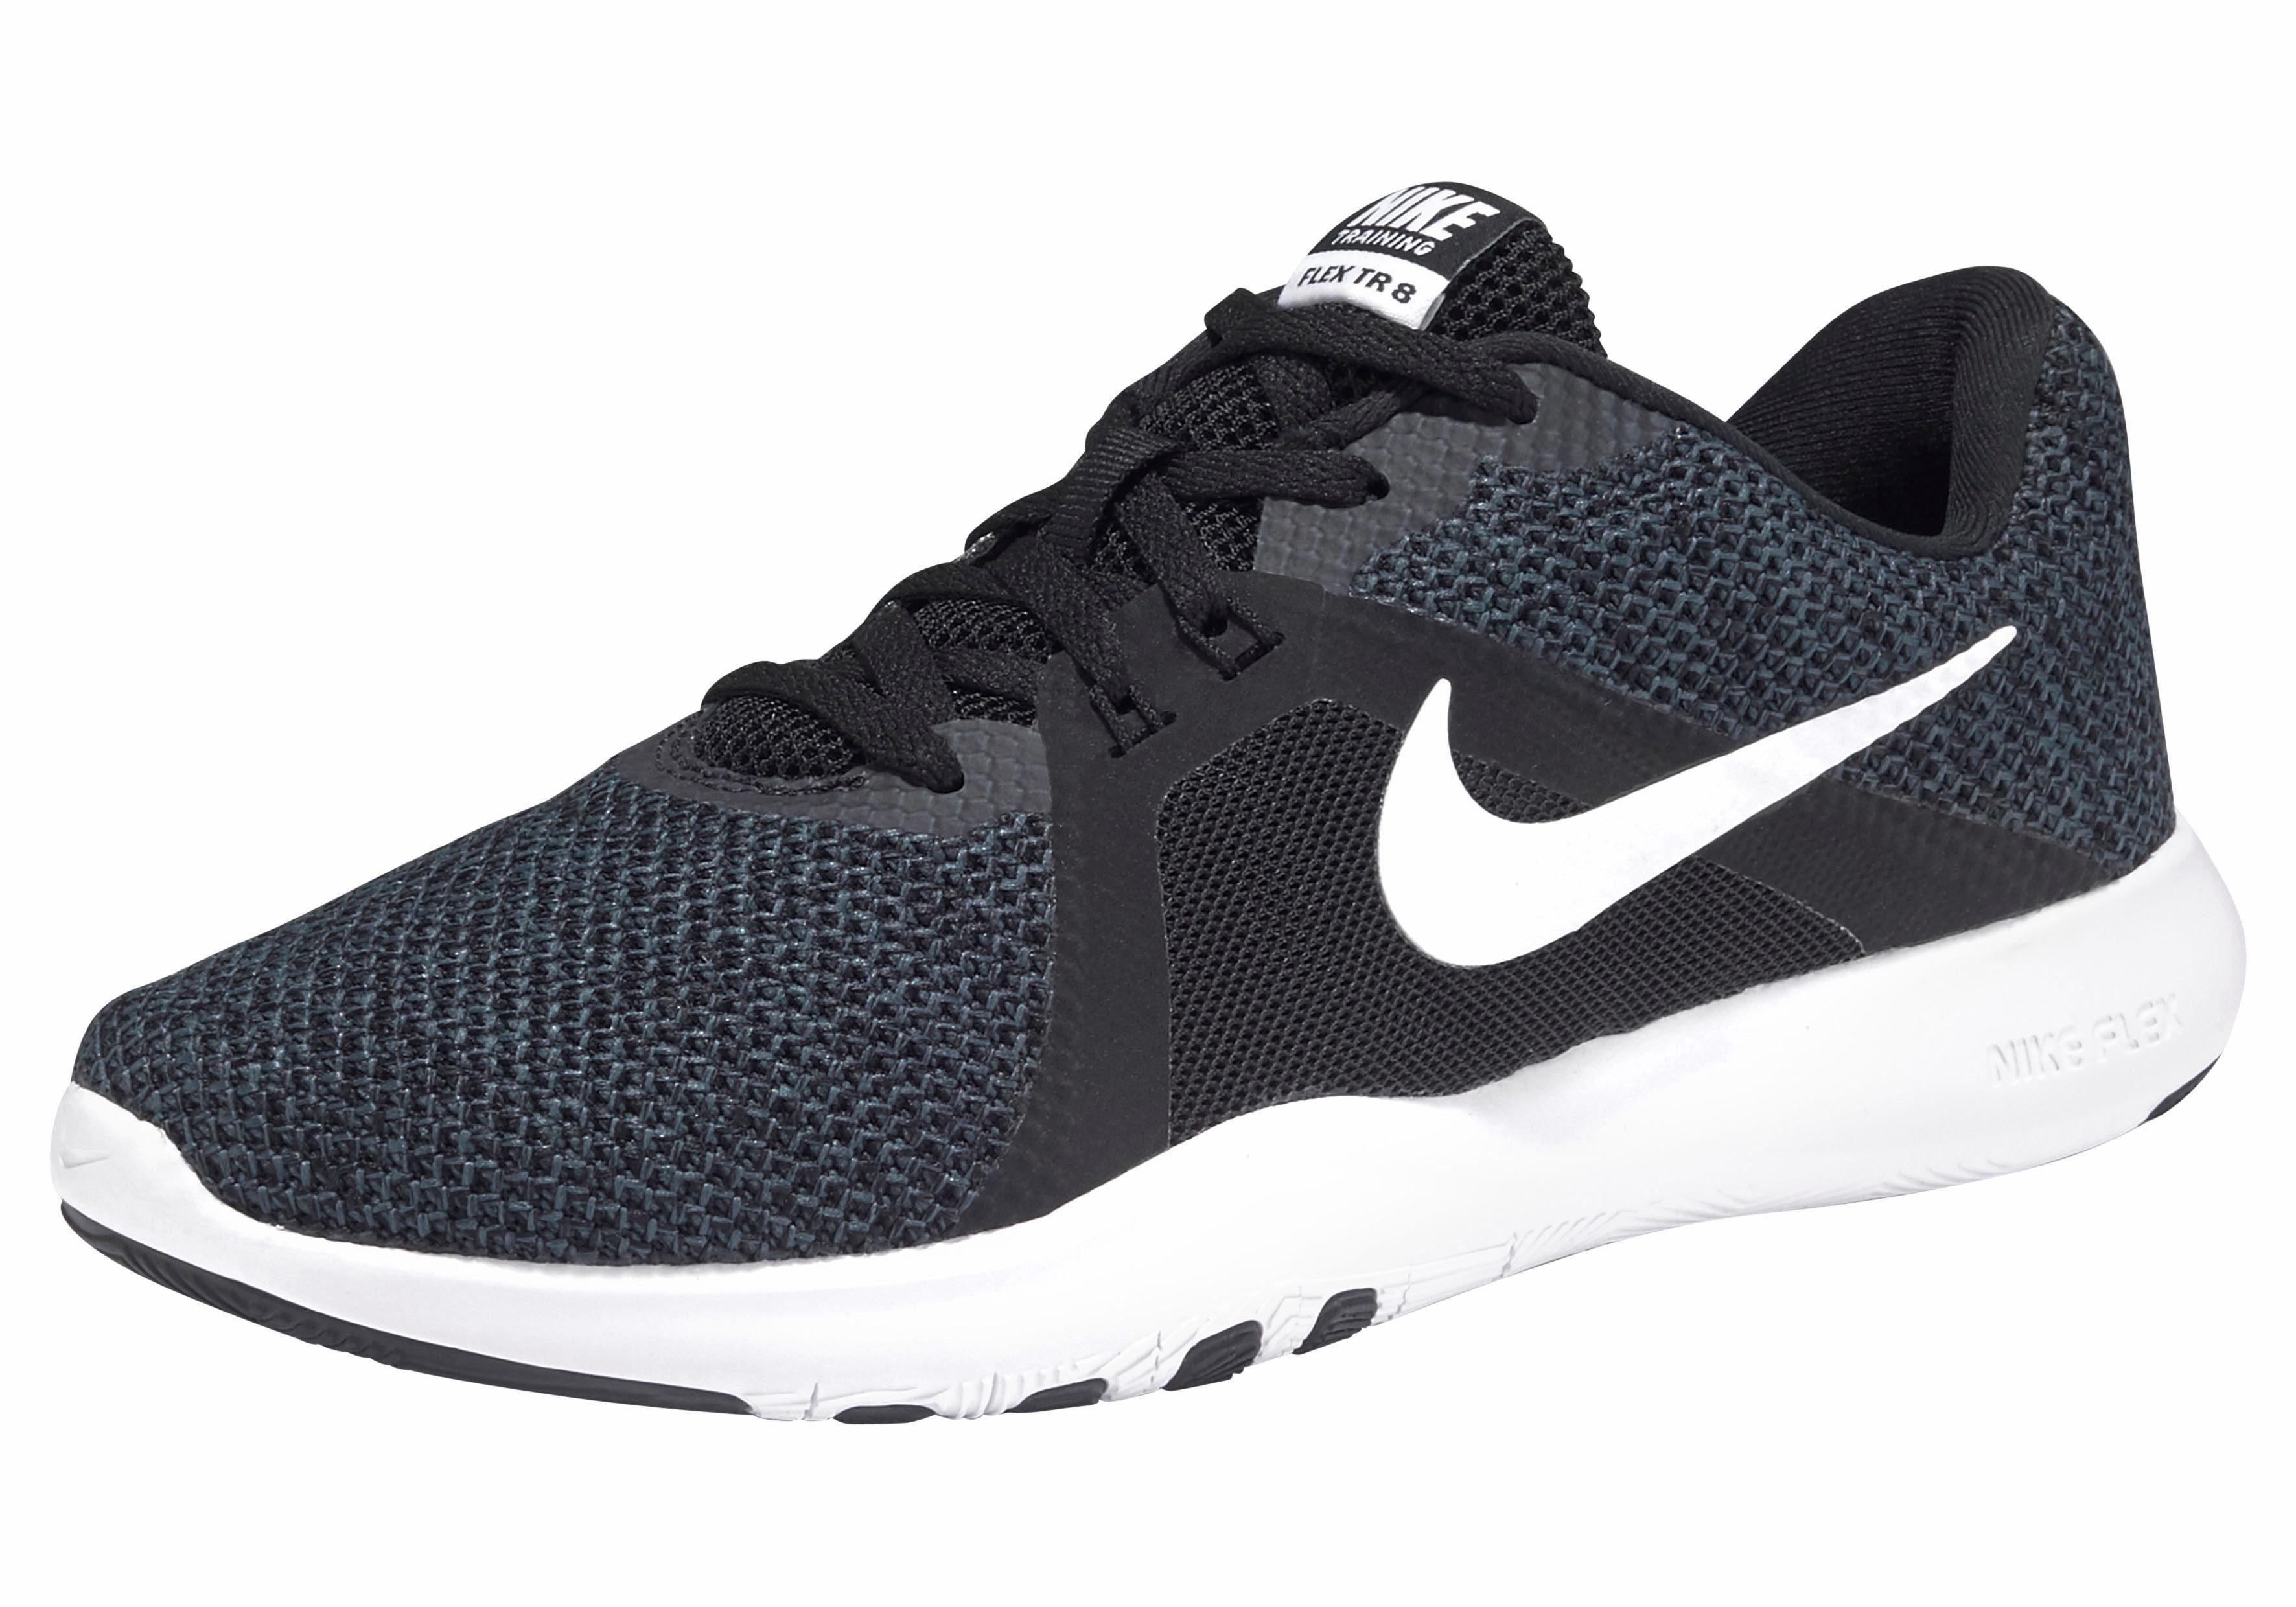 Nike »Wmns Flex Trainer 8« Fitnessschuh, Dynamische Flywire Fasern umschließt den Fußrücken und sorgt für eng anliegenden Halt online kaufen | OTTO